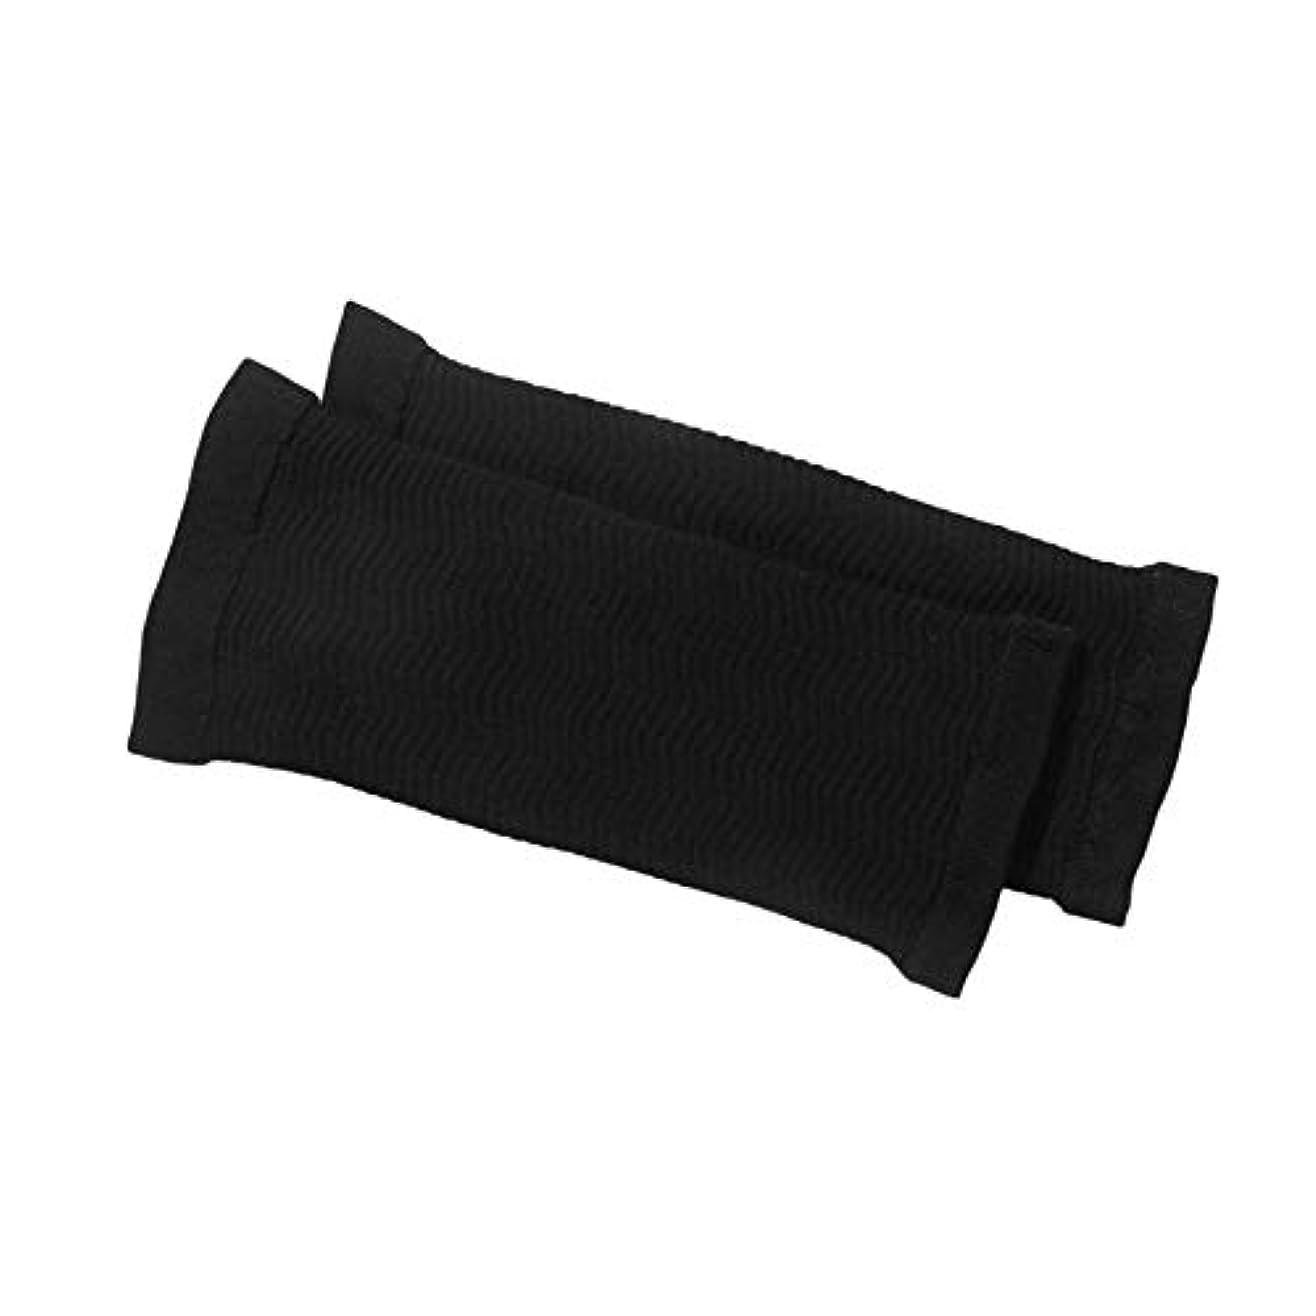 哀郵便物タワー1ペア420 d圧縮痩身アームスリーブワークアウトトーニングバーンセルライトシェイパー脂肪燃焼袖用女性(Color:black)